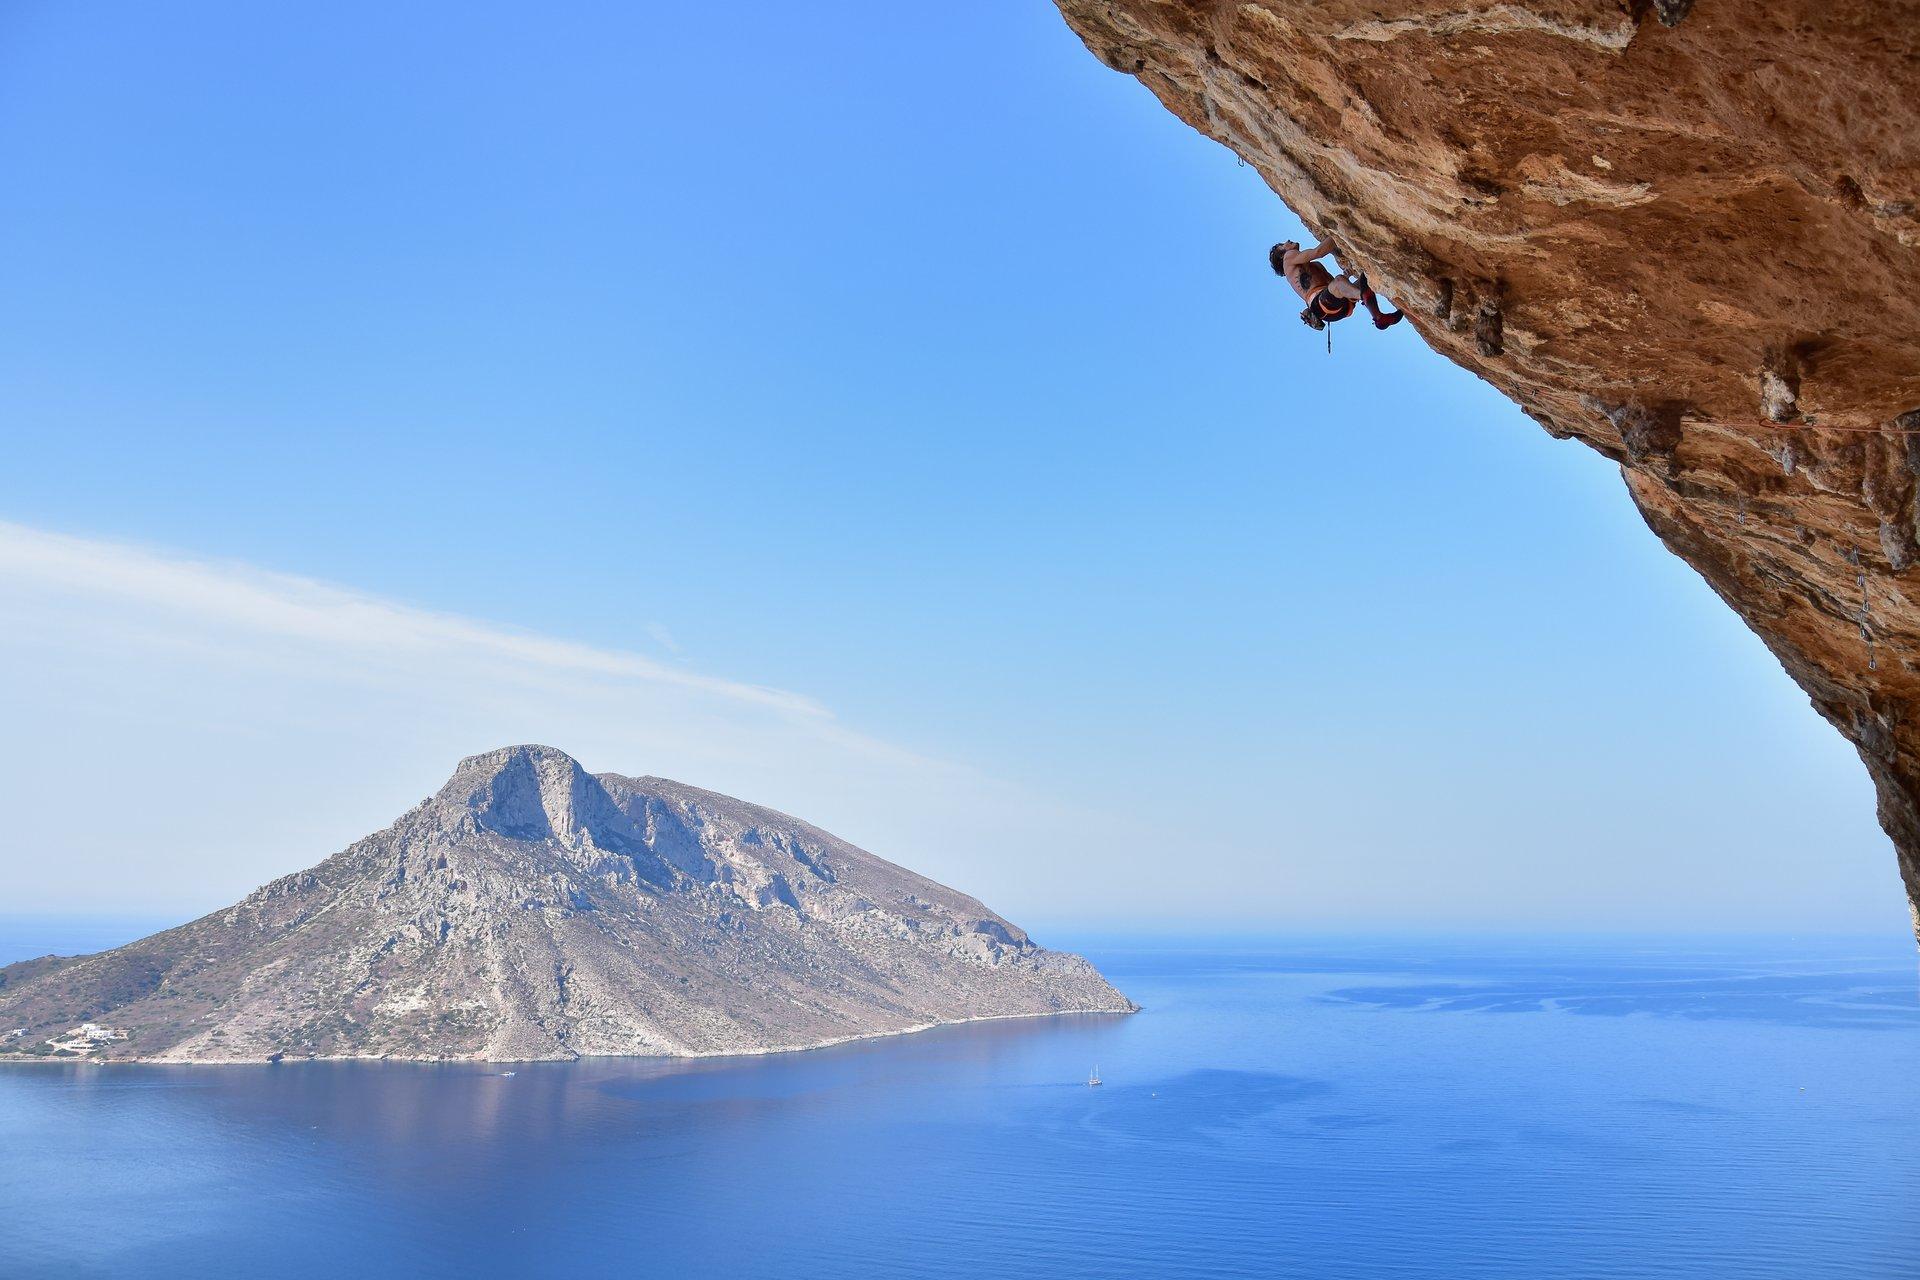 Kalymnos Climbing Festival in Greece - Best Season 2020